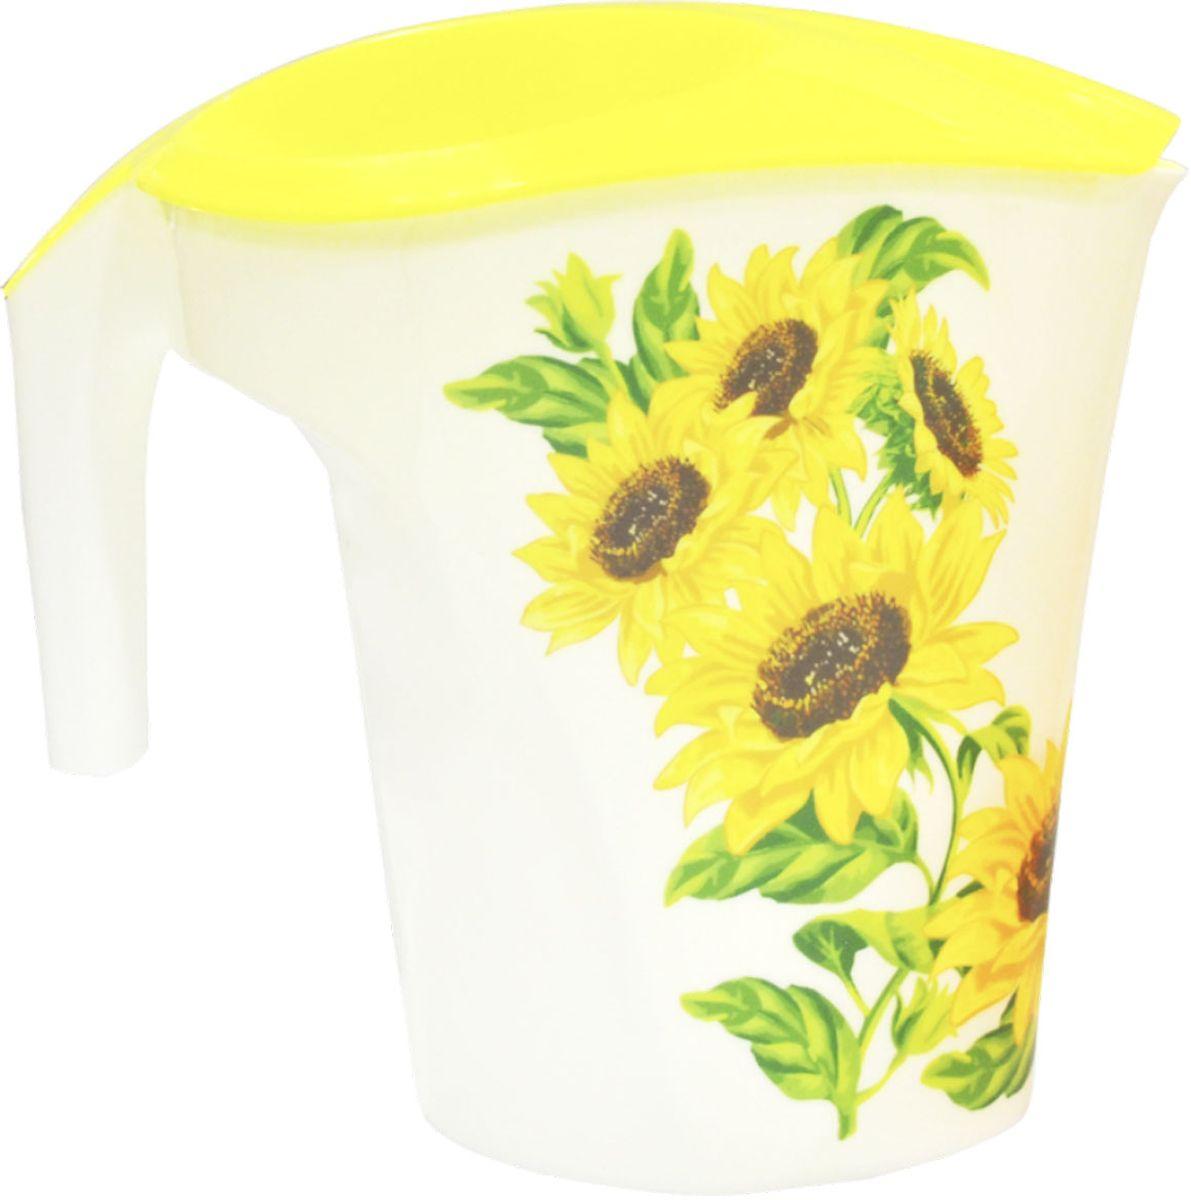 Кувшин Plastic Centre Подсолнухи, цвет: желтый, 3 лVT-1520(SR)Яркие, солнечные, летние – все это про наши новые кувшины с декором. Кувшин идеально подойдет для дачи или загородного дома. В нем прекрасно подавать на стол прохладительные напитки, воду и соки.